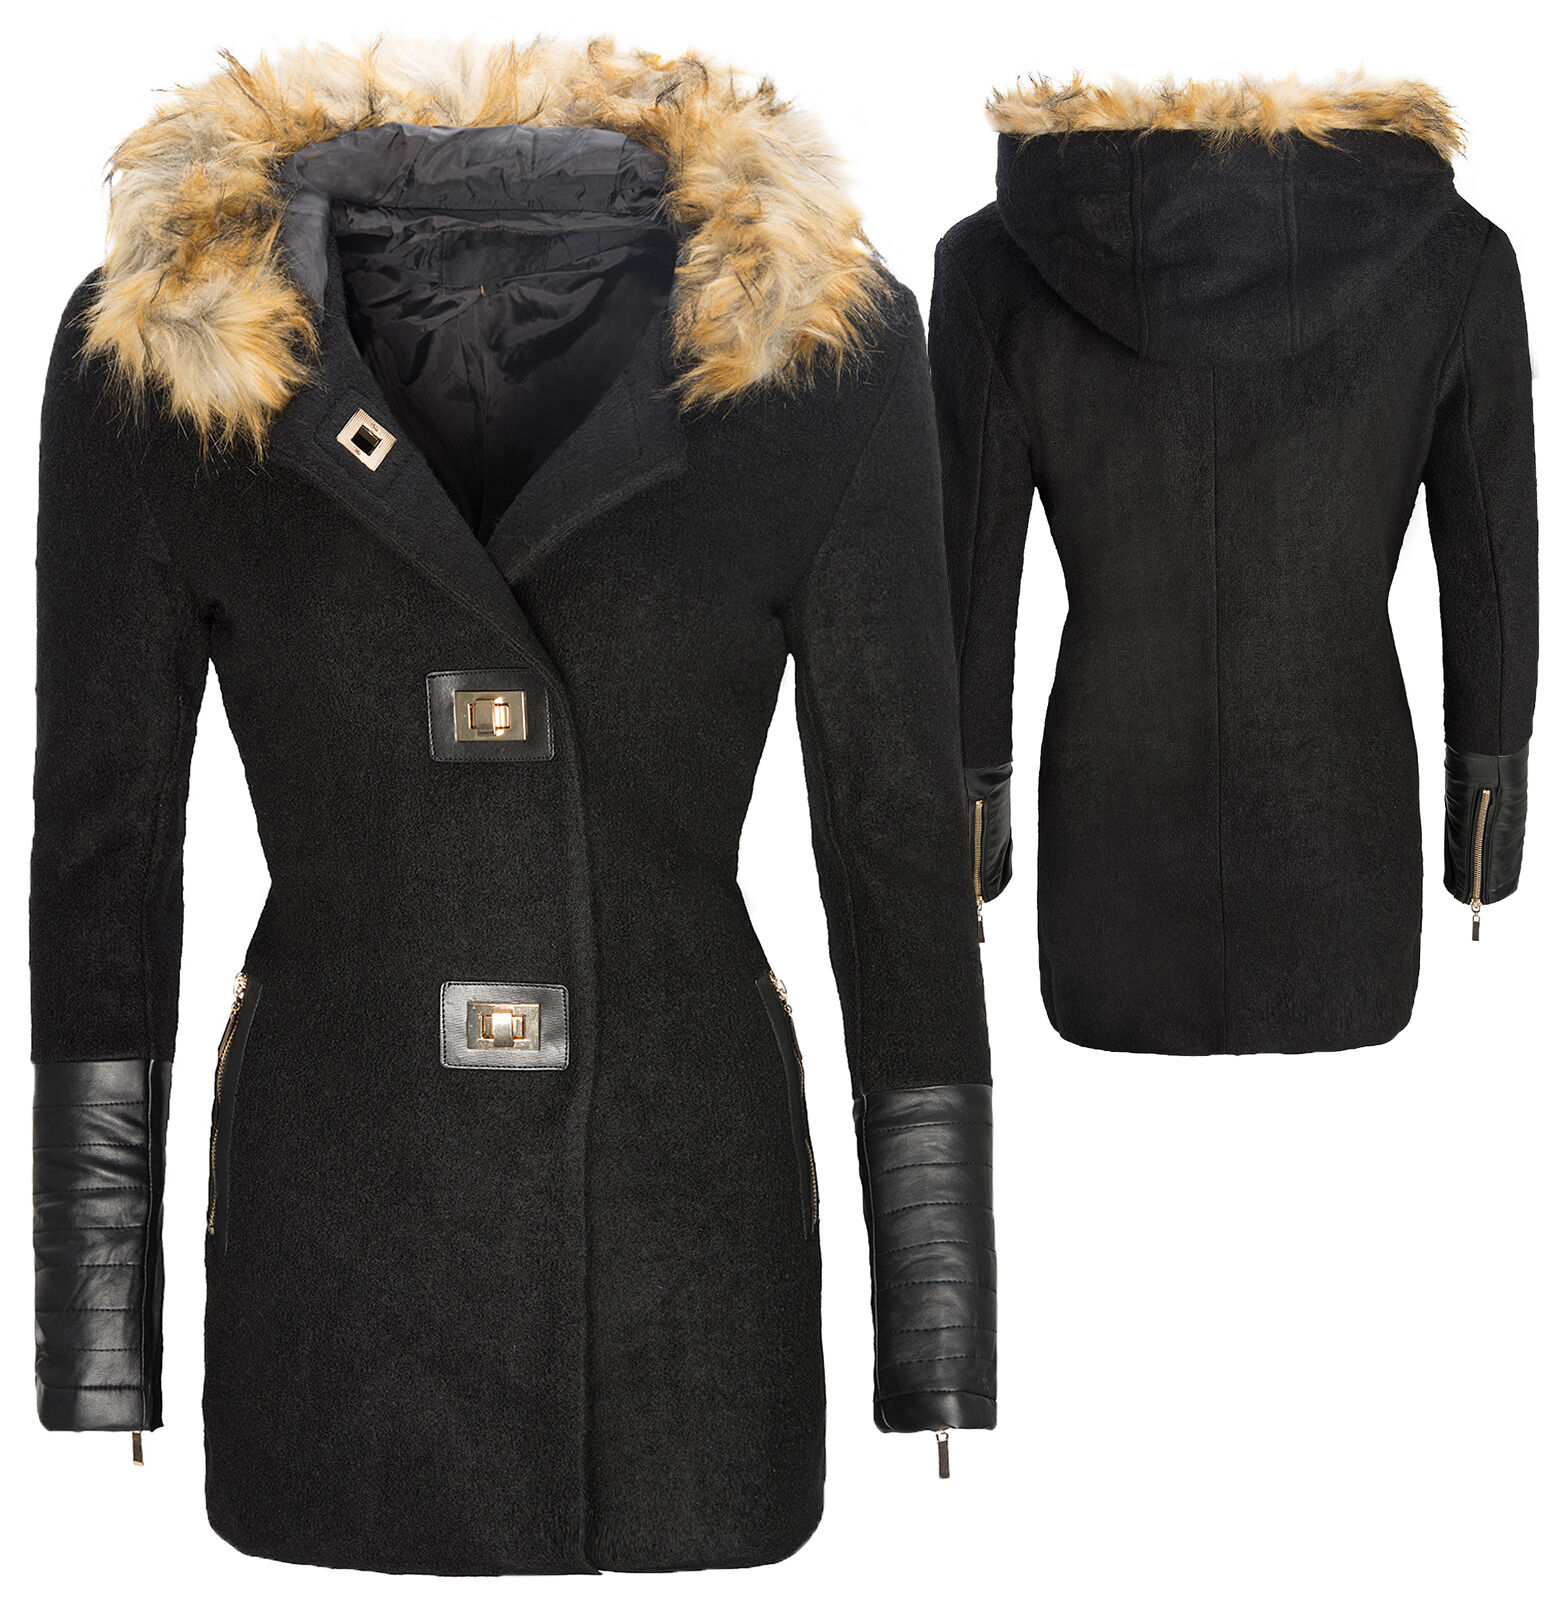 women Inverno Cappotto di Lana Giacca Giacca Giacca Cappotto Eskimo Finta pelle Manicotto 288703